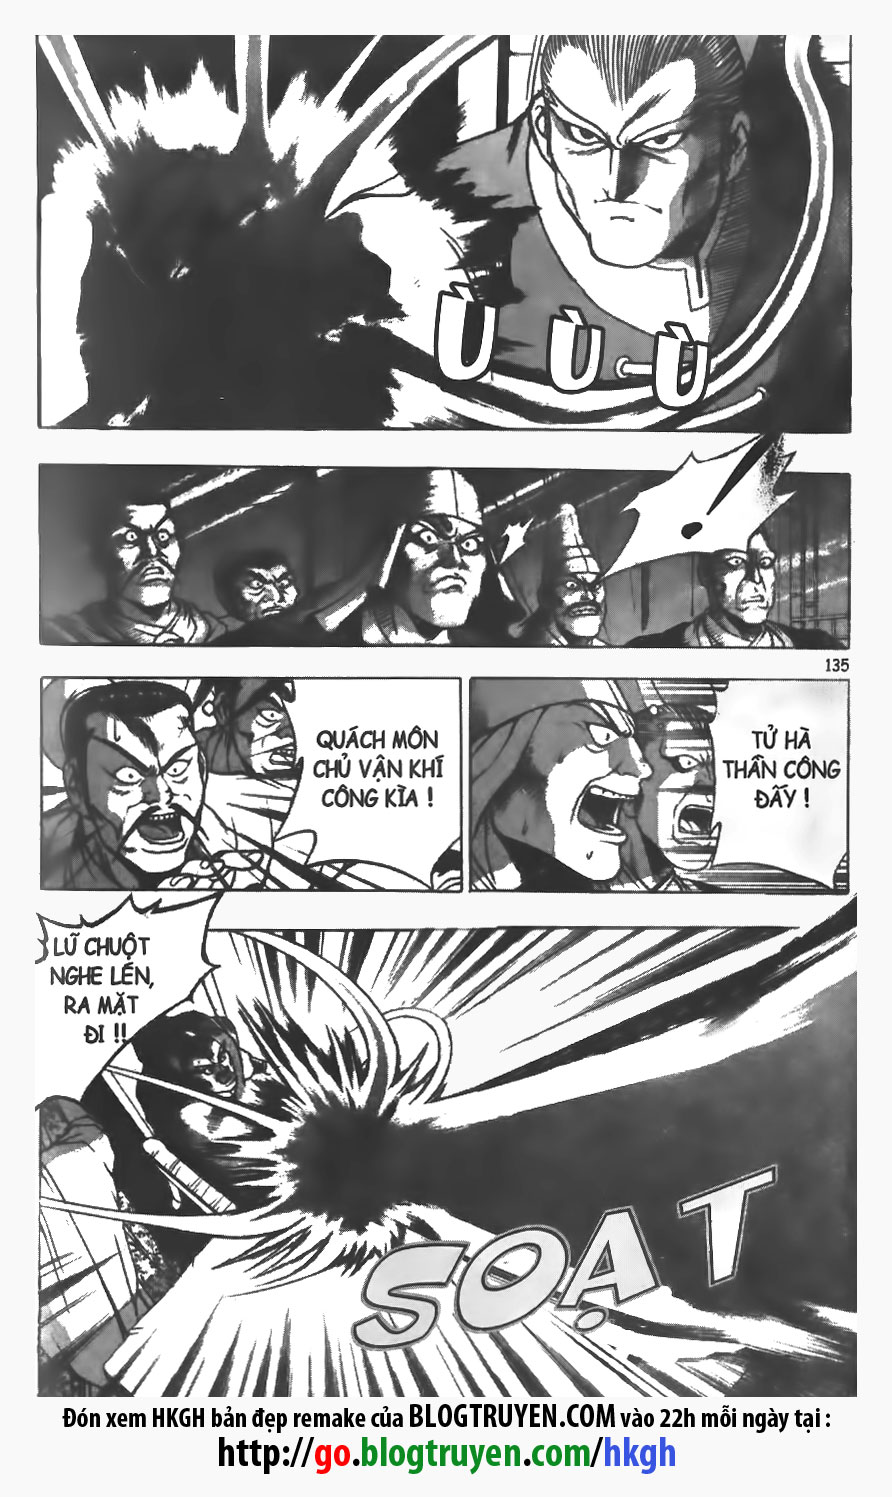 Hiệp Khách Giang Hồ - Hiệp Khách Giang Hồ Chap 129 - Pic 6